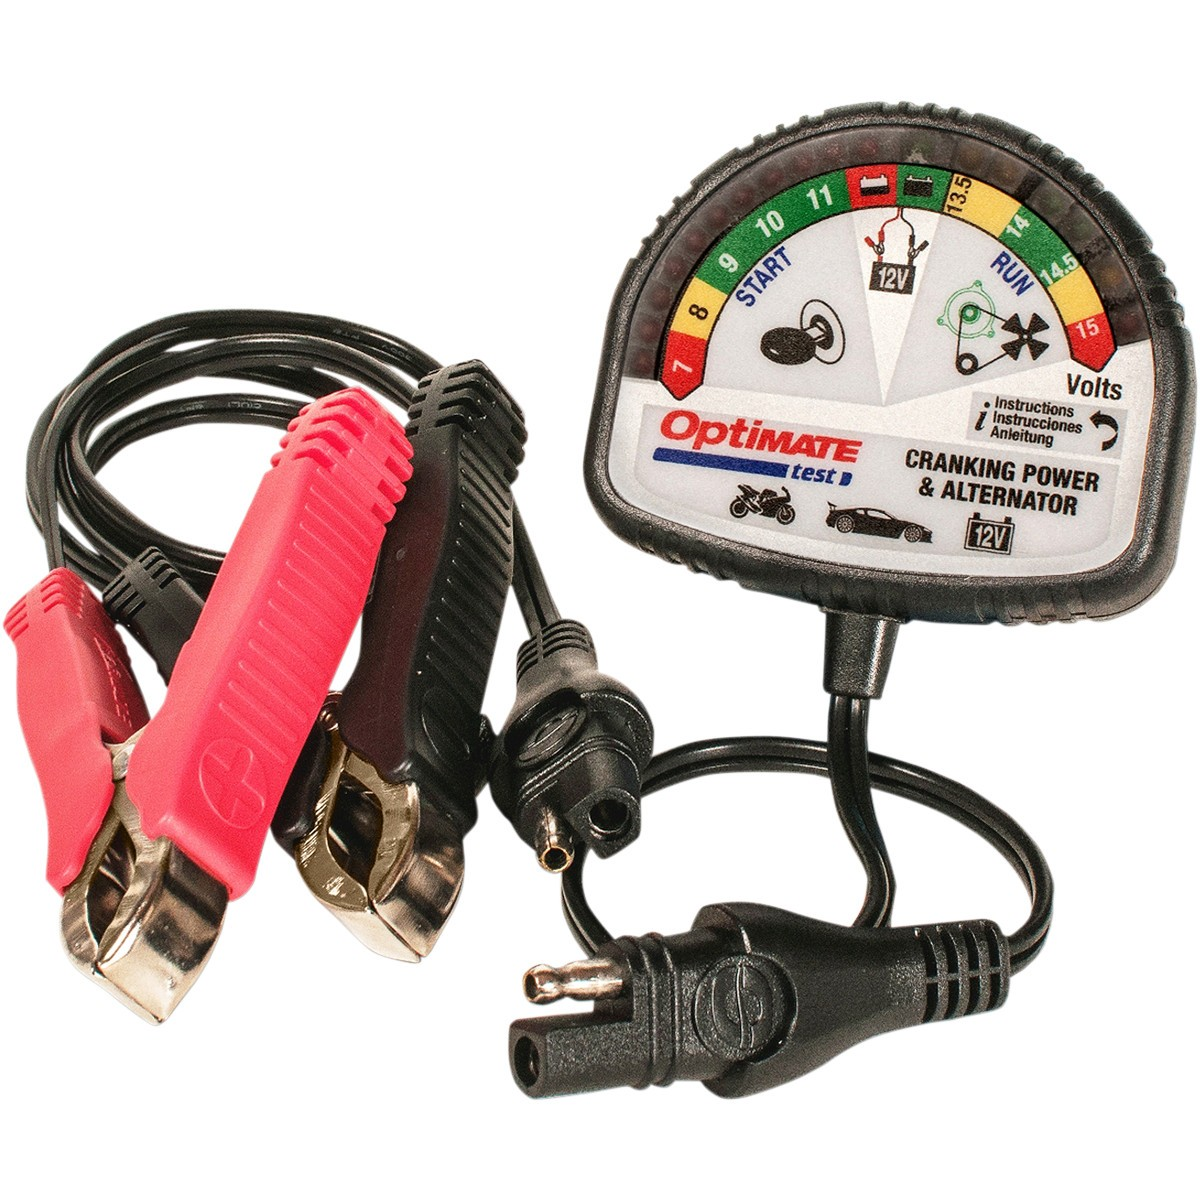 Тестер аккумуляторных батарей OptiMate Test. TS120TS120Простейшее и информативное устройство OptiMate Test предназначено для проверки работоспособности аккумуляторных батарей и генератора на любом транспортном средстве: автомобилях, мотоциклах, скутерах и т.д.